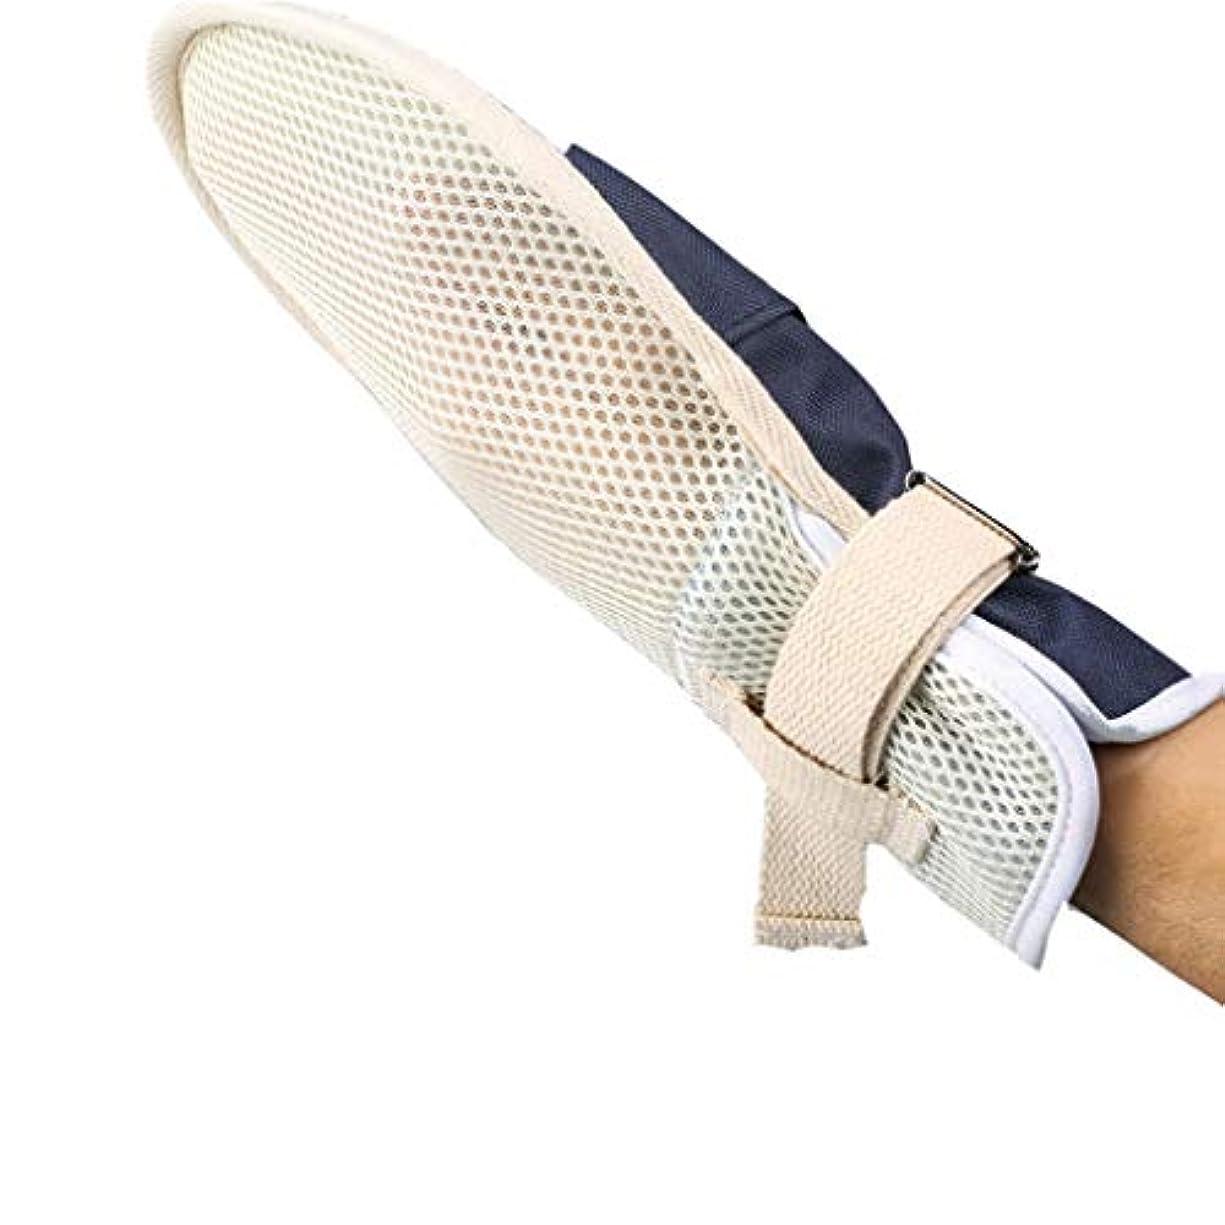 ファシズム床を掃除する眩惑する医療用拘束手袋 - Ospital医療用拘束手袋、予防患者の自己傷害